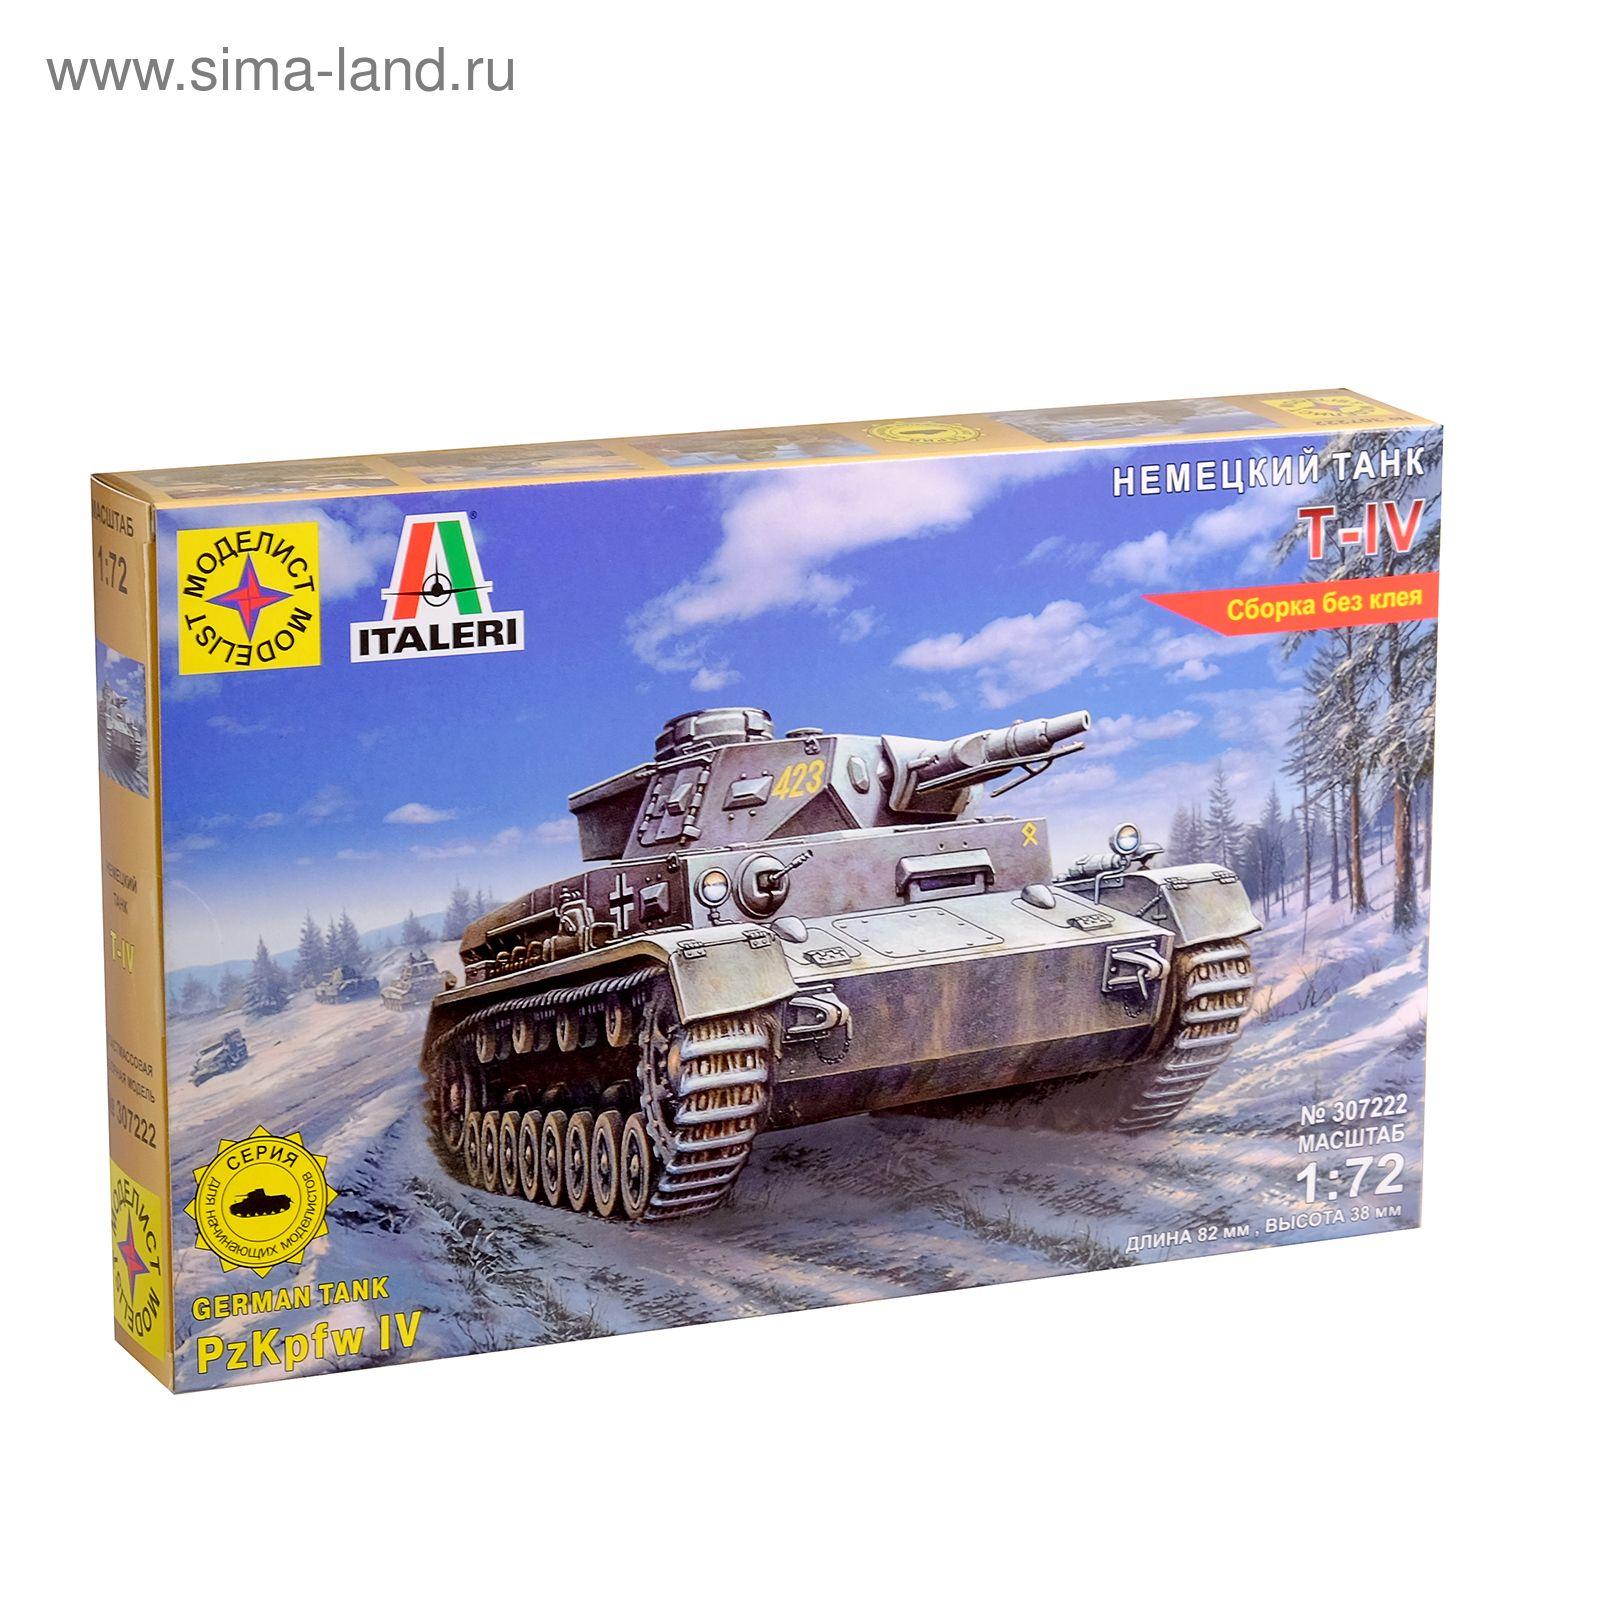 Сборная модель Немецкий танк Т-IV  (1:72)